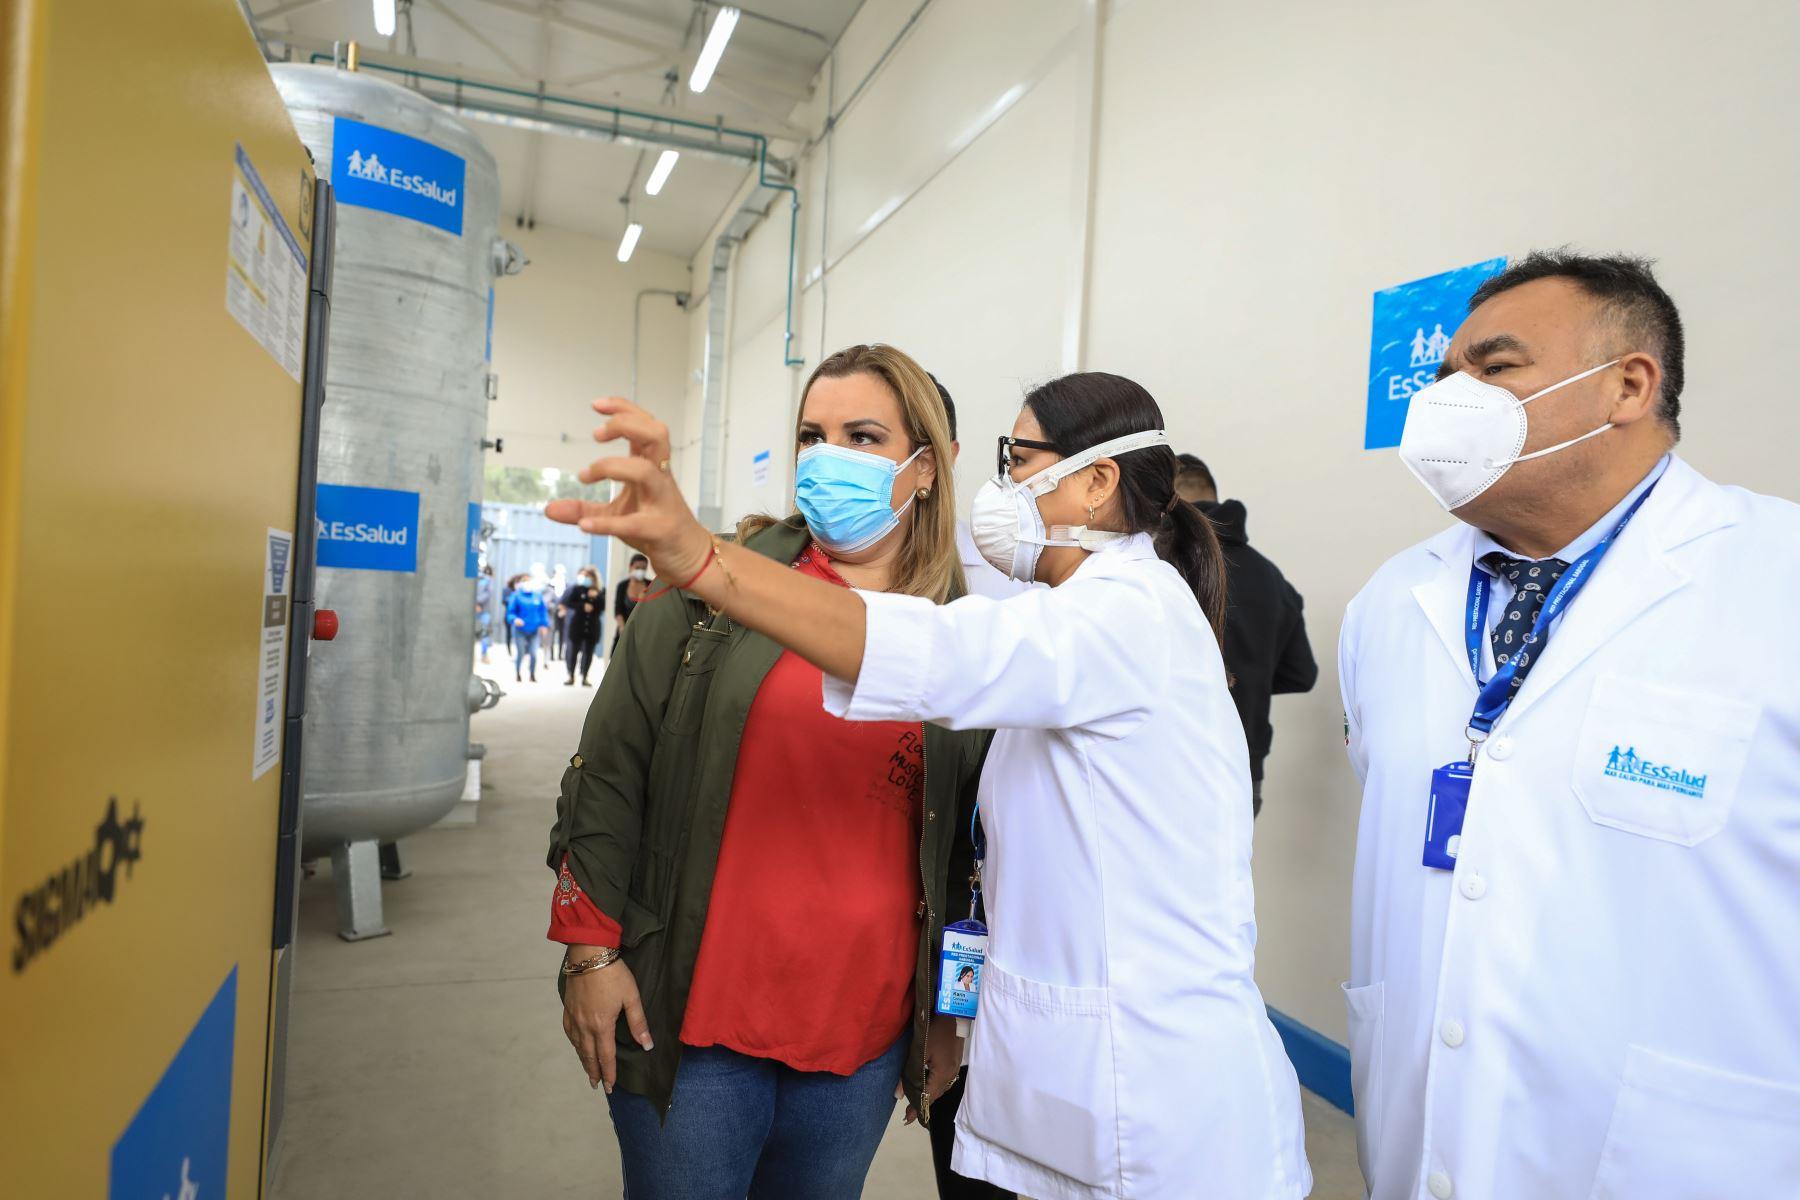 La presidenta ejecutiva de EsSalud, Fiorella Molinelli, participó en la puesta en marcha de camas UCI, tomógrafo y planta generadora de oxigeno en Hospital Negreiros. Foto: ANDINA/Essalud